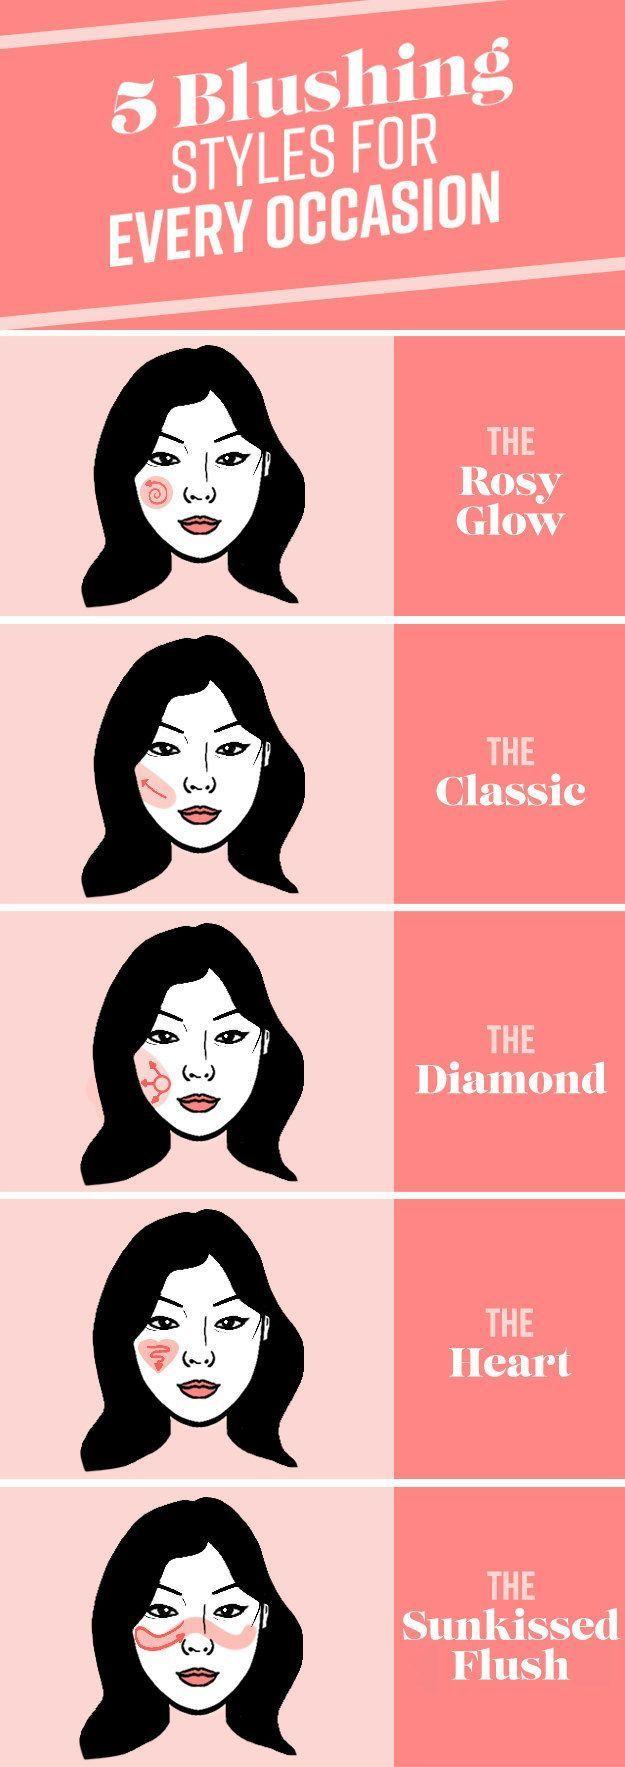 Und wenn alles andere fehlschlägt, probieren Sie einen dieser idiotensicheren Rouge-Looks. – Make up and manicure